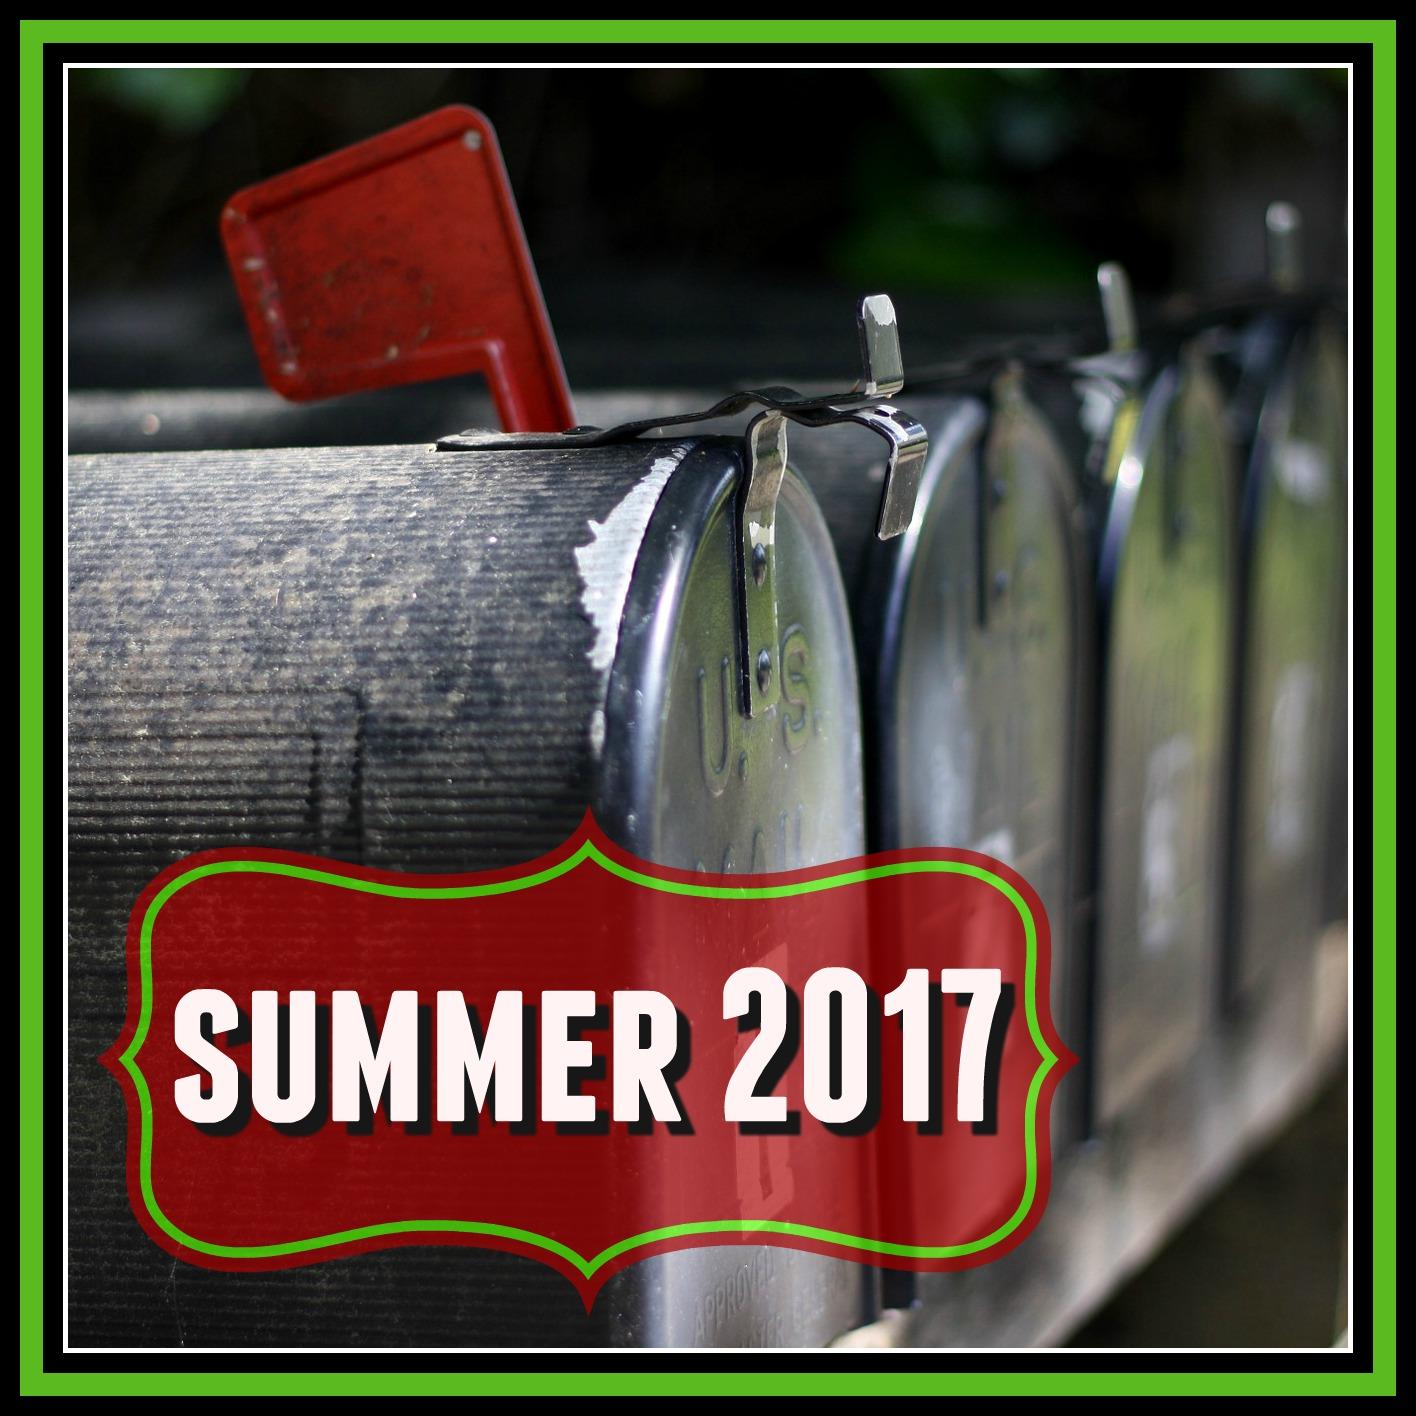 summer 2017.jpg